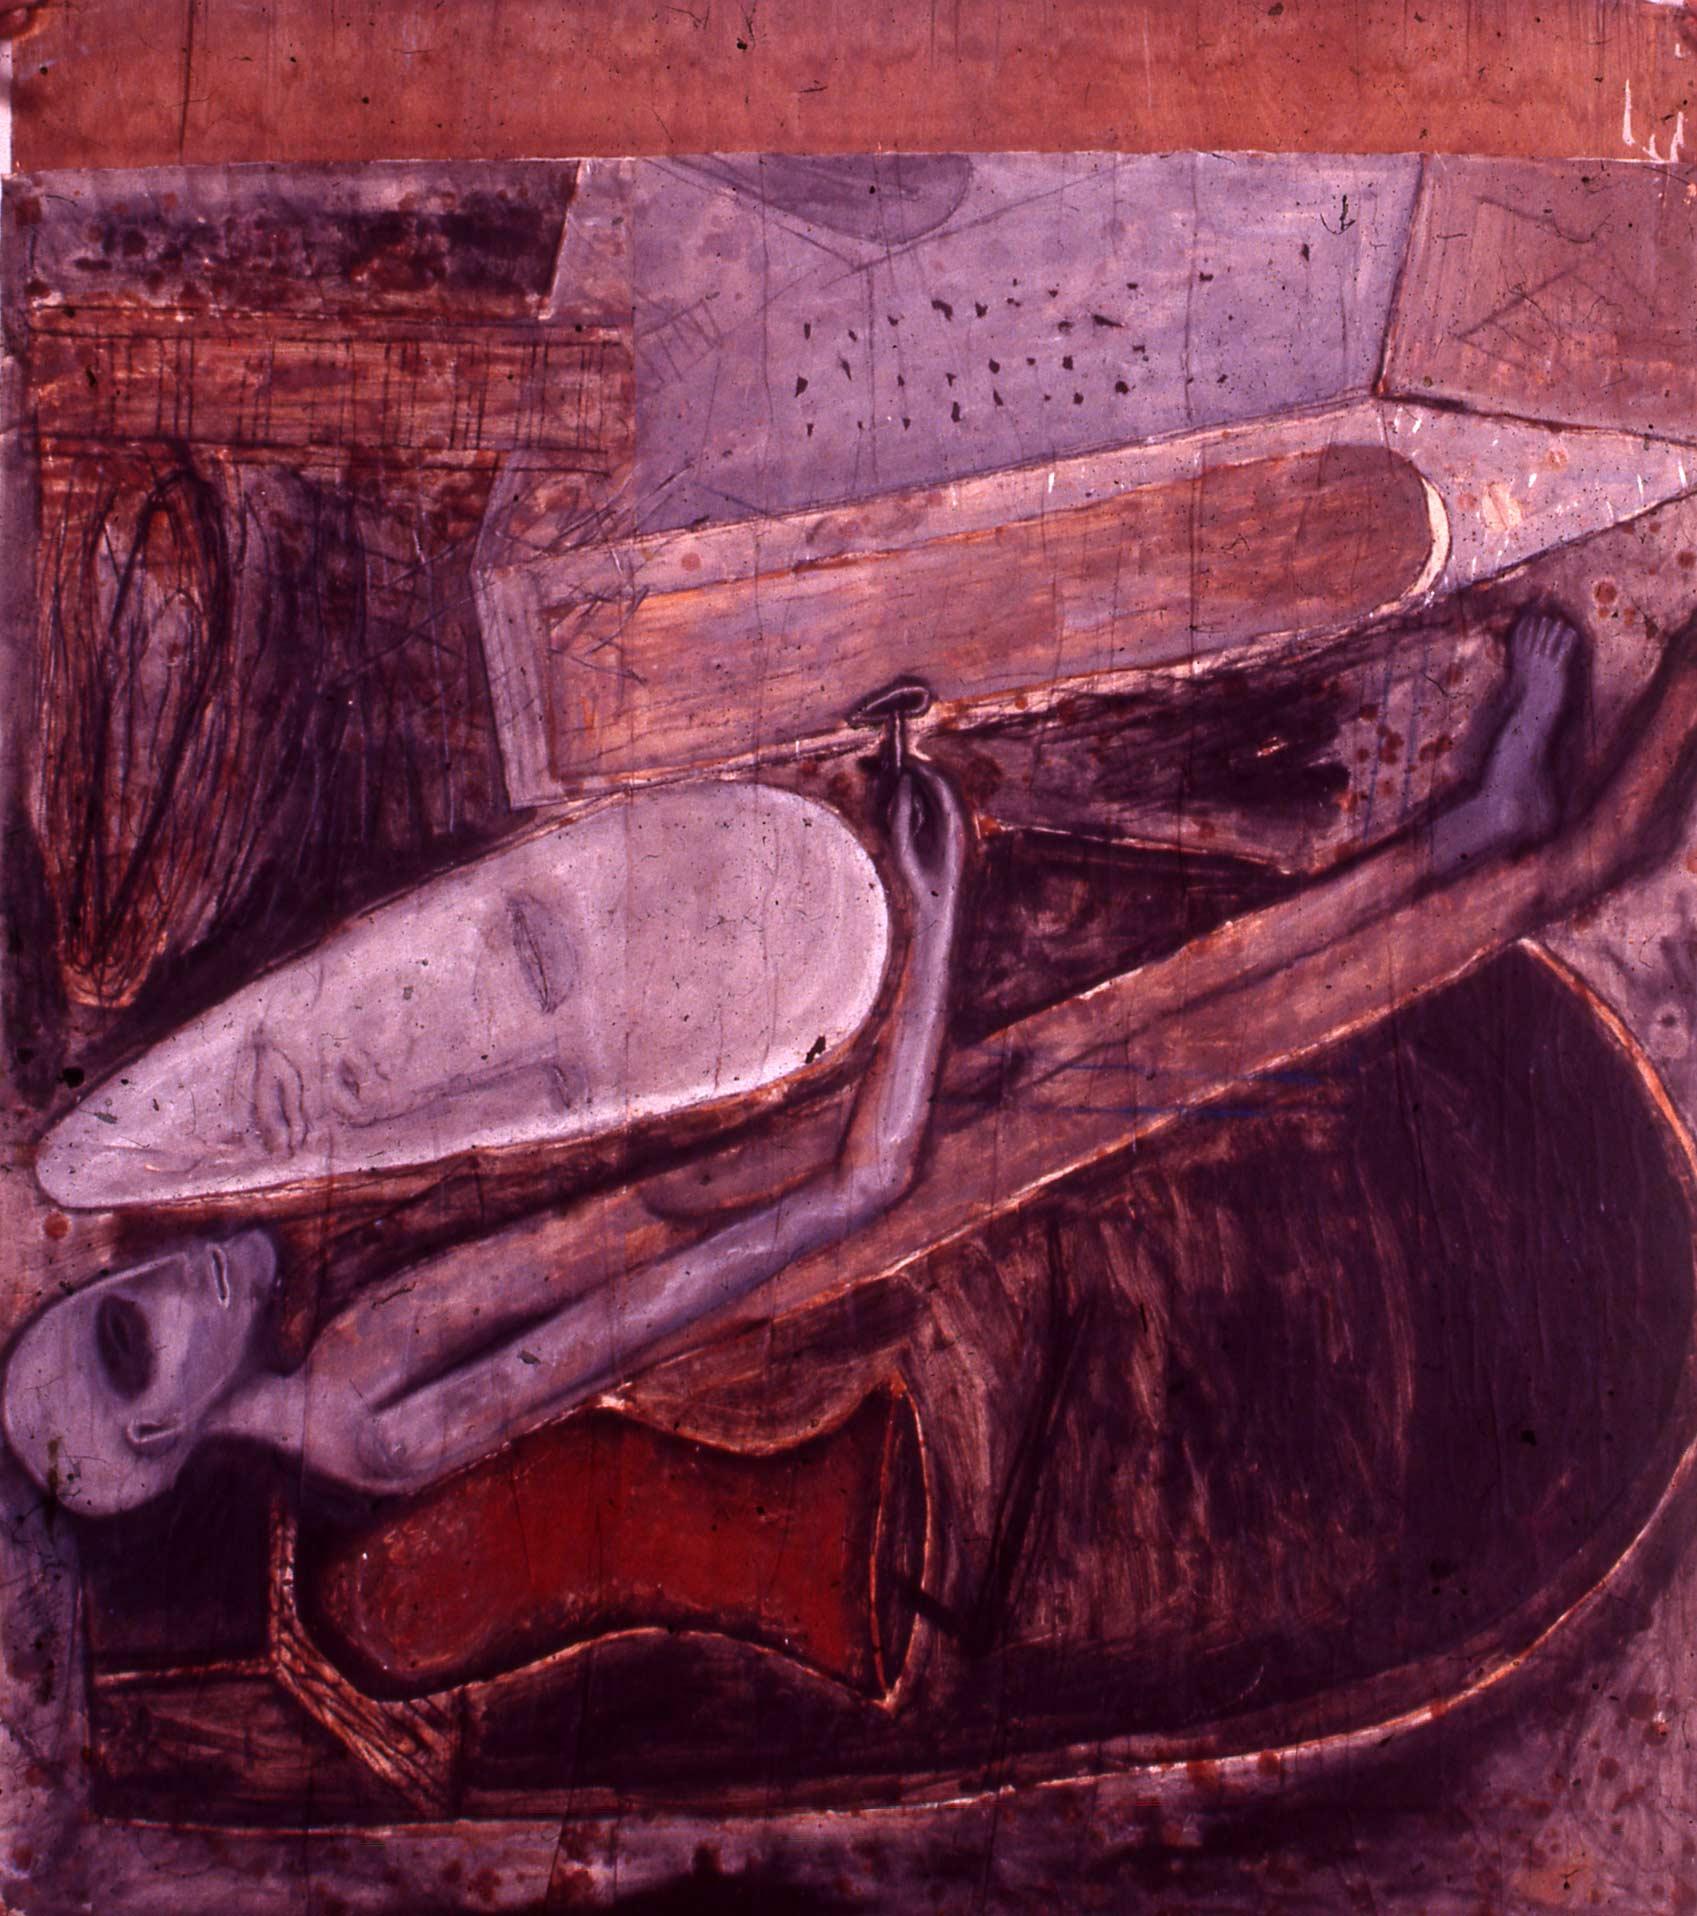 Key (1993) by C. Douglas